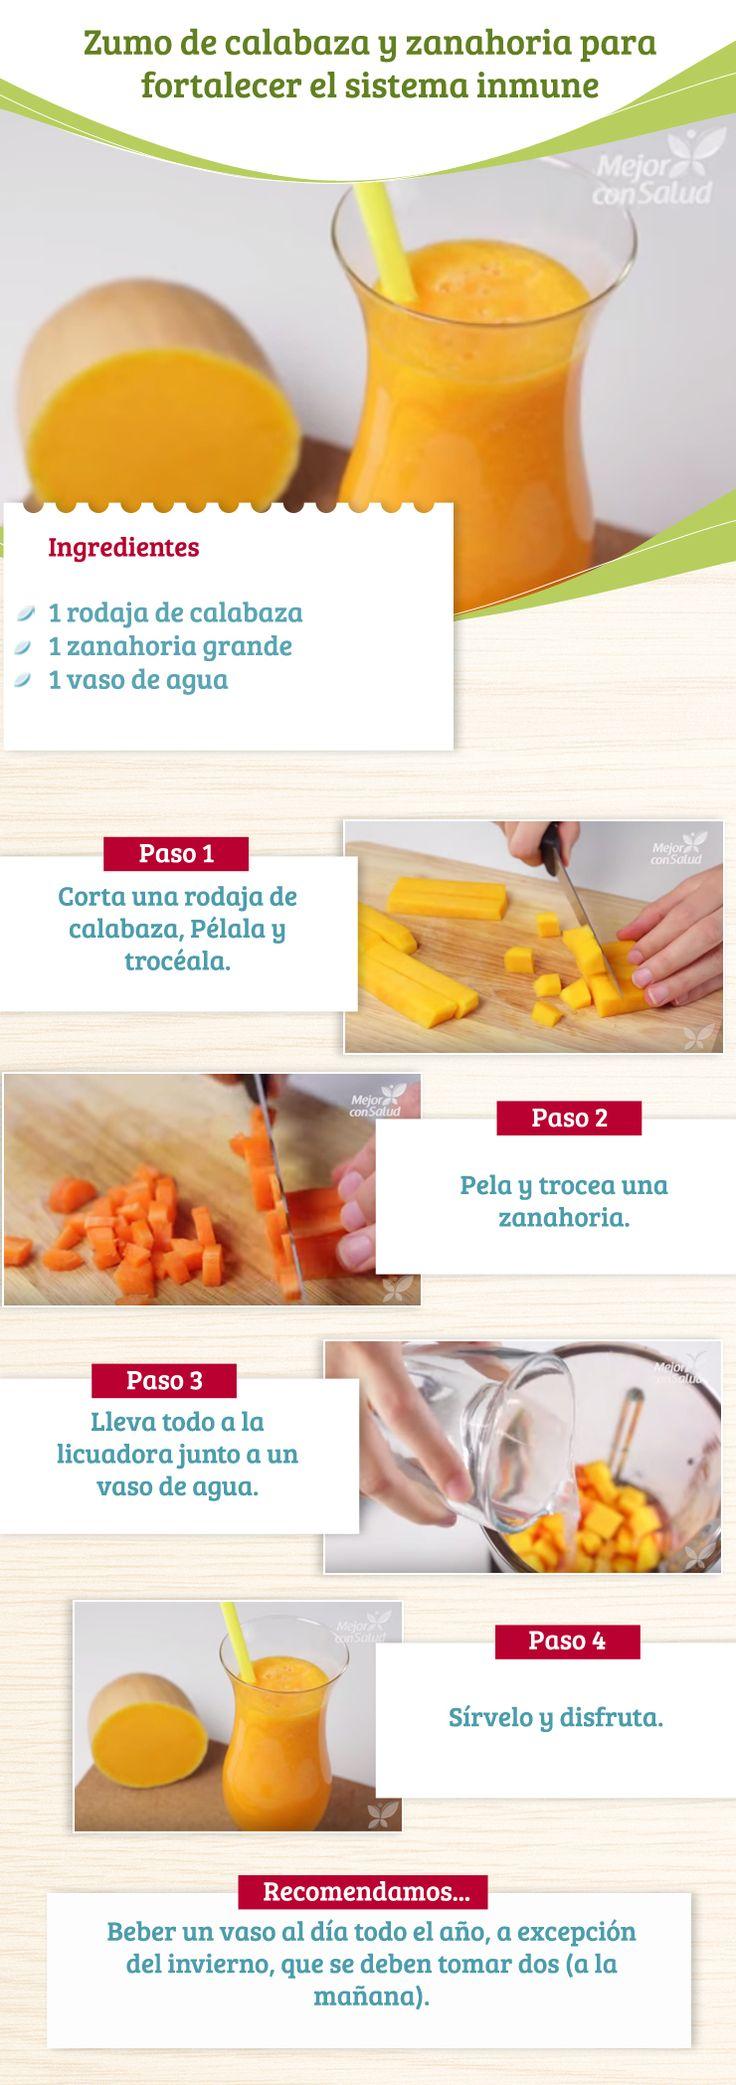 A continuación te enseñaremos a preparar un delicioso y nutritivo zumo de calabaza y zanahoria para fortalecer el sistema inmune gracias a sus excelentes nutrientes. No olvides leer: http://mejorconsalud.com/formas-de-fortalecer-el-sistema-inmunologico/